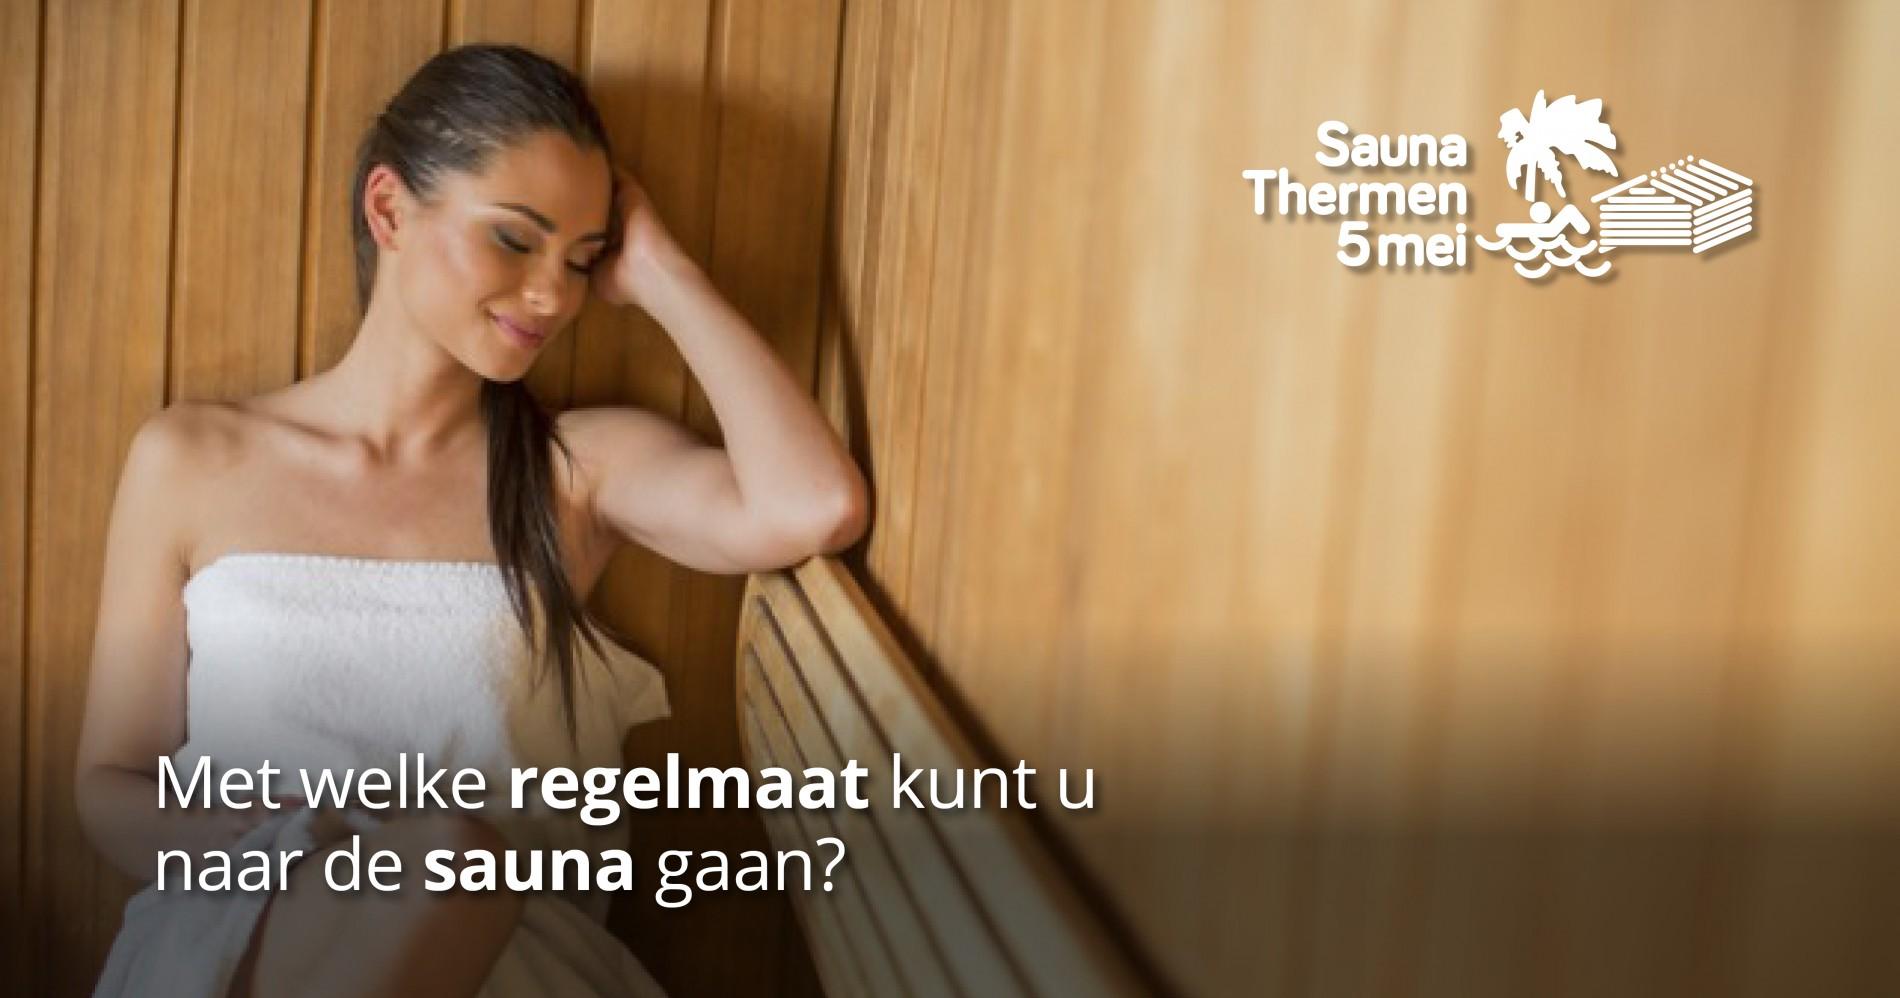 regelmaat sauna bezoeken